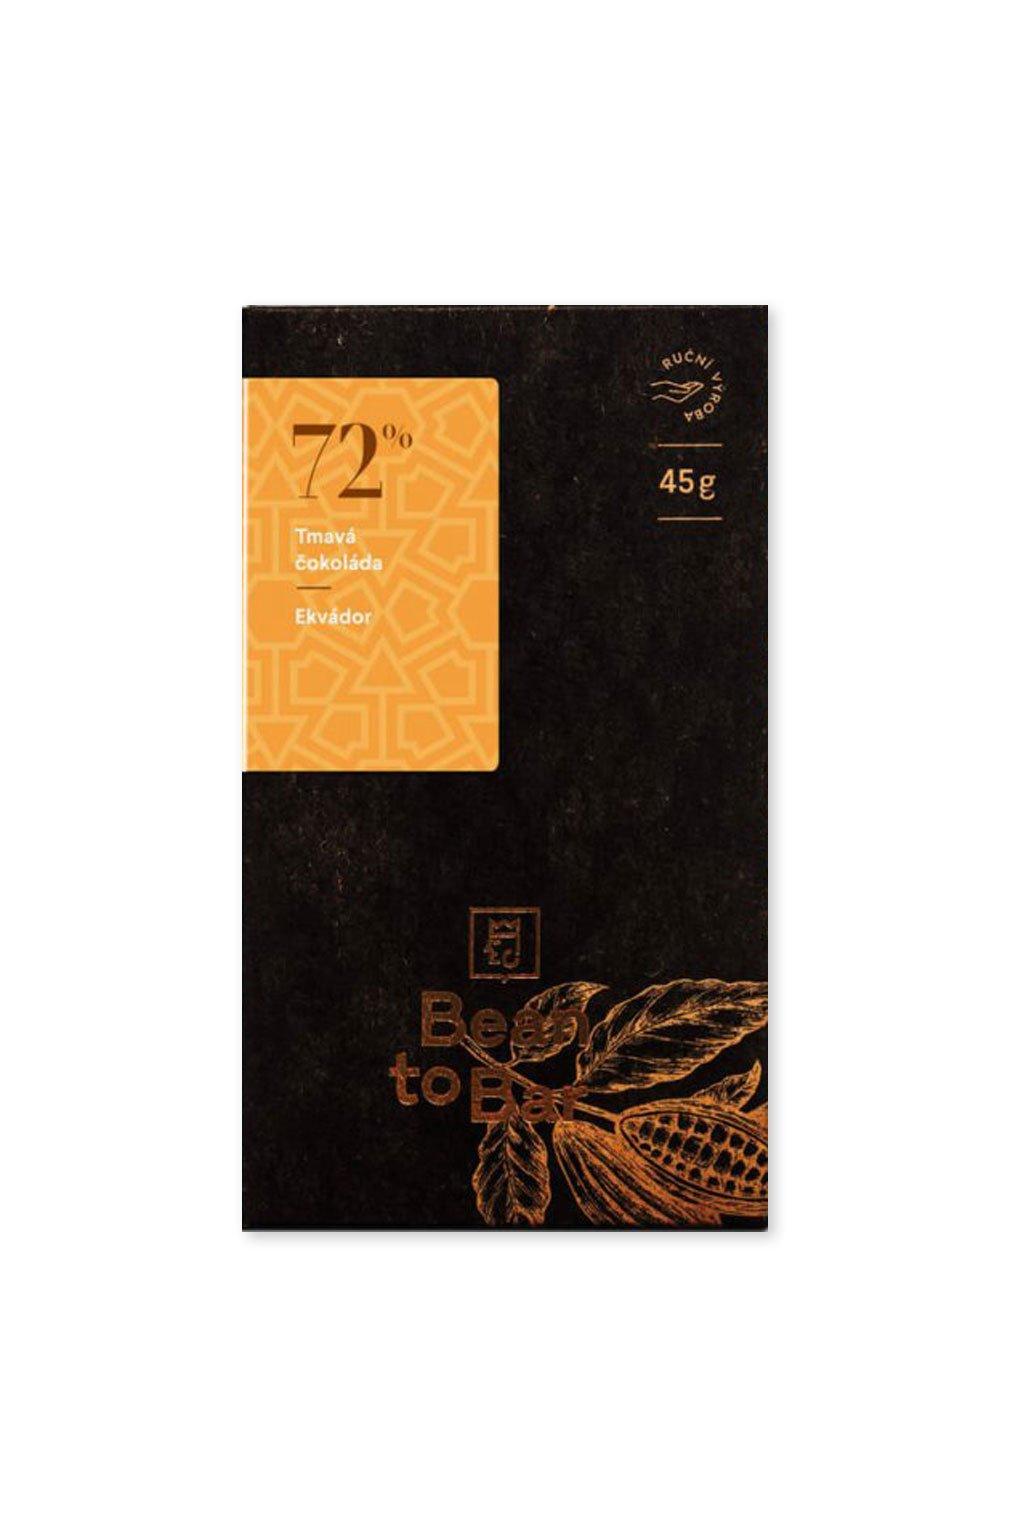 Čokoládovna Janek Tmavá 72% Ekvádor